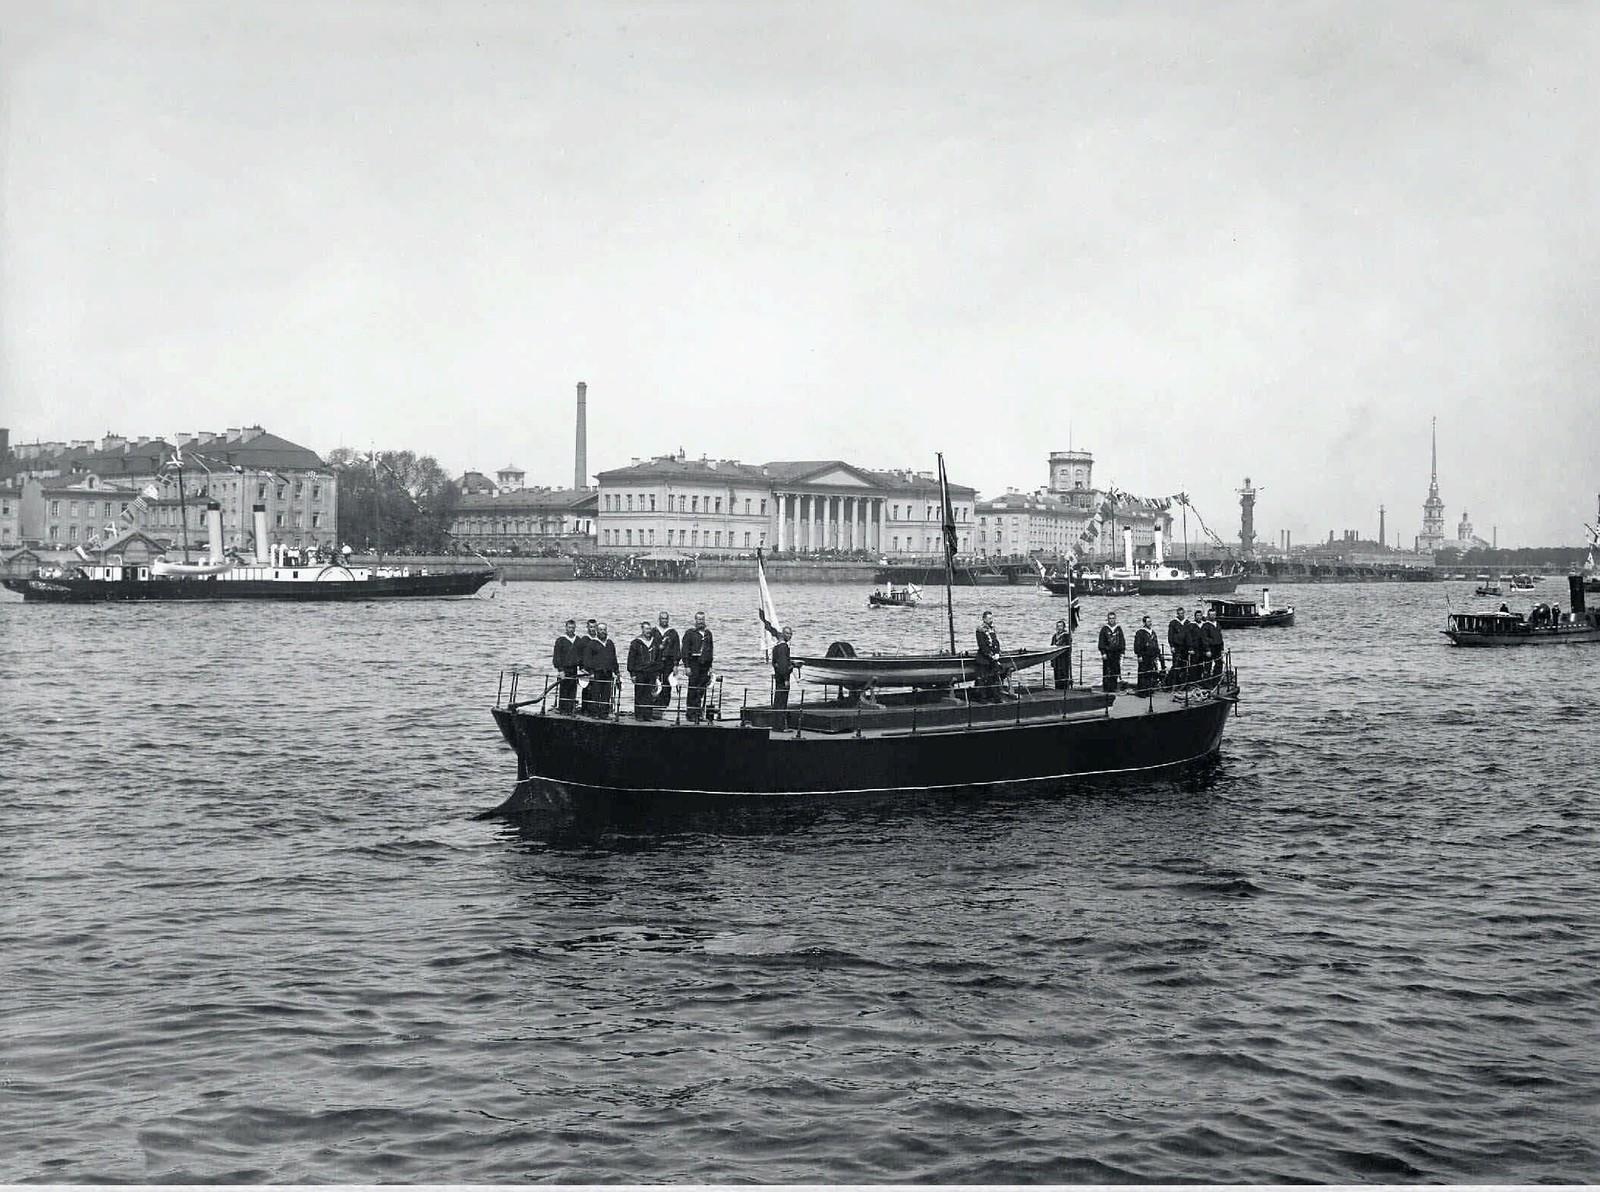 11. 1903. Верейка (вёсельная лодка) Петра на палубе баржи в день 200-тия Санкт-Петербурга.16 мая